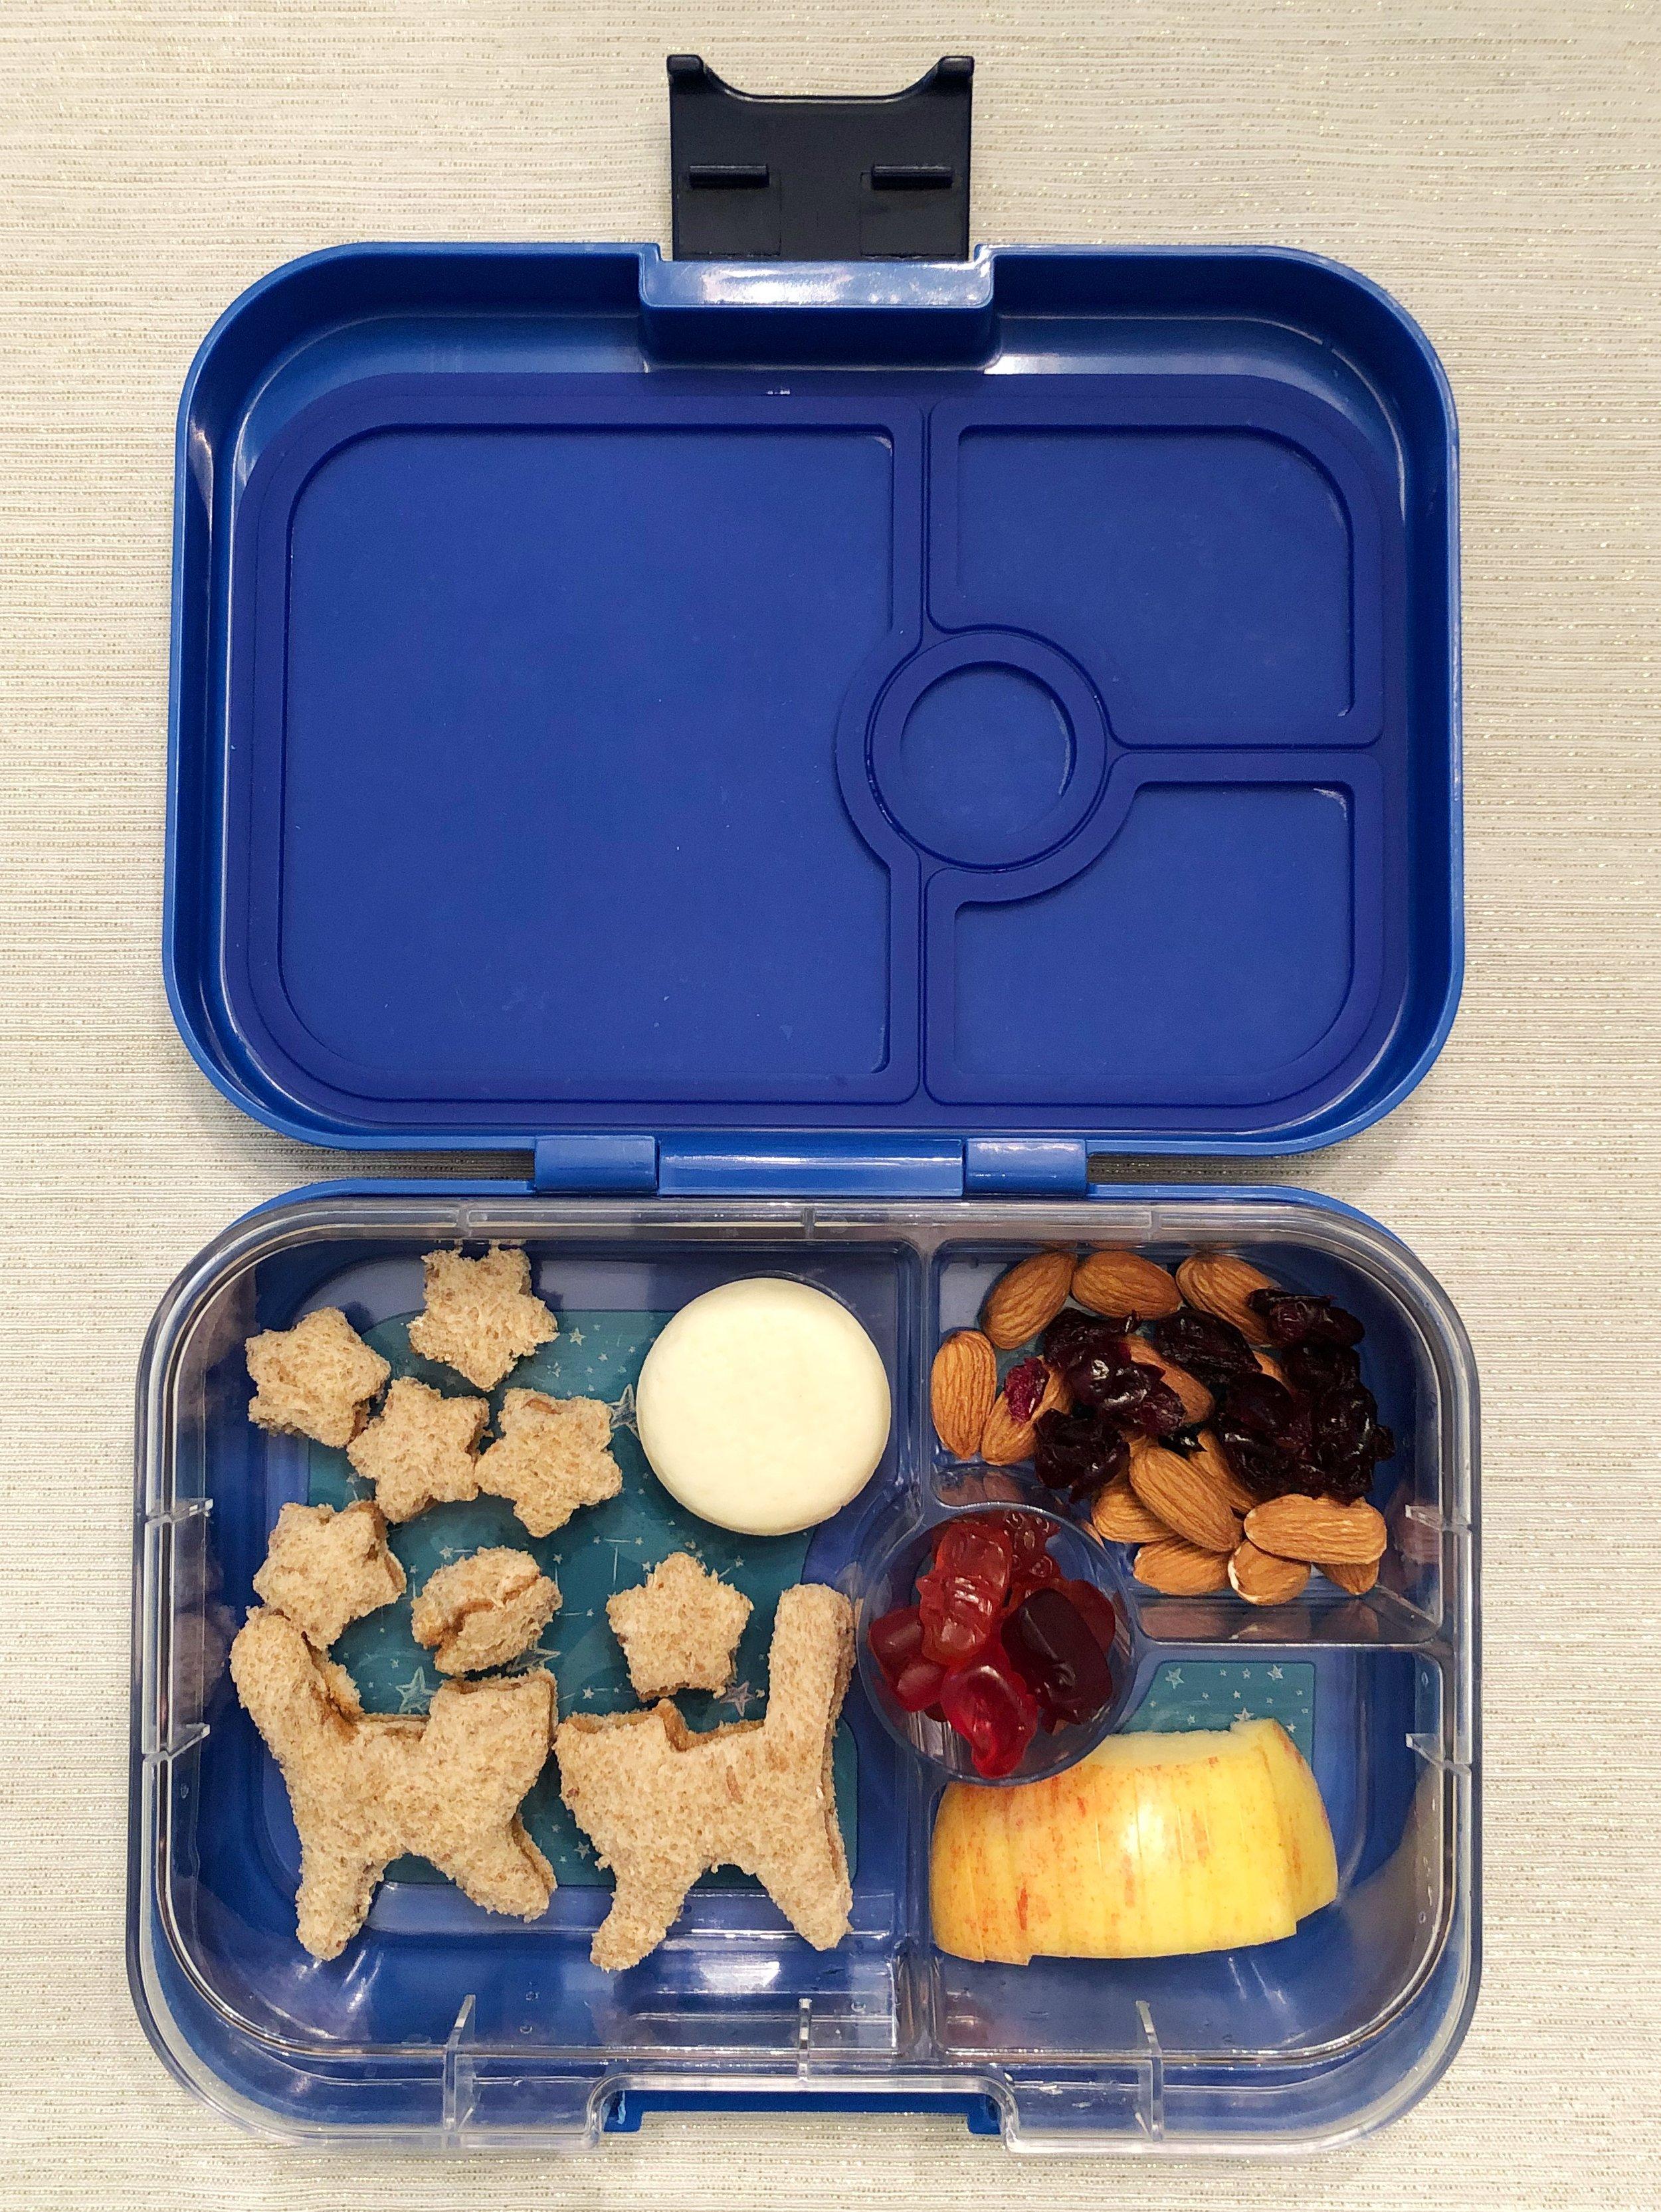 toddler-lunch-bento-box-jan-10